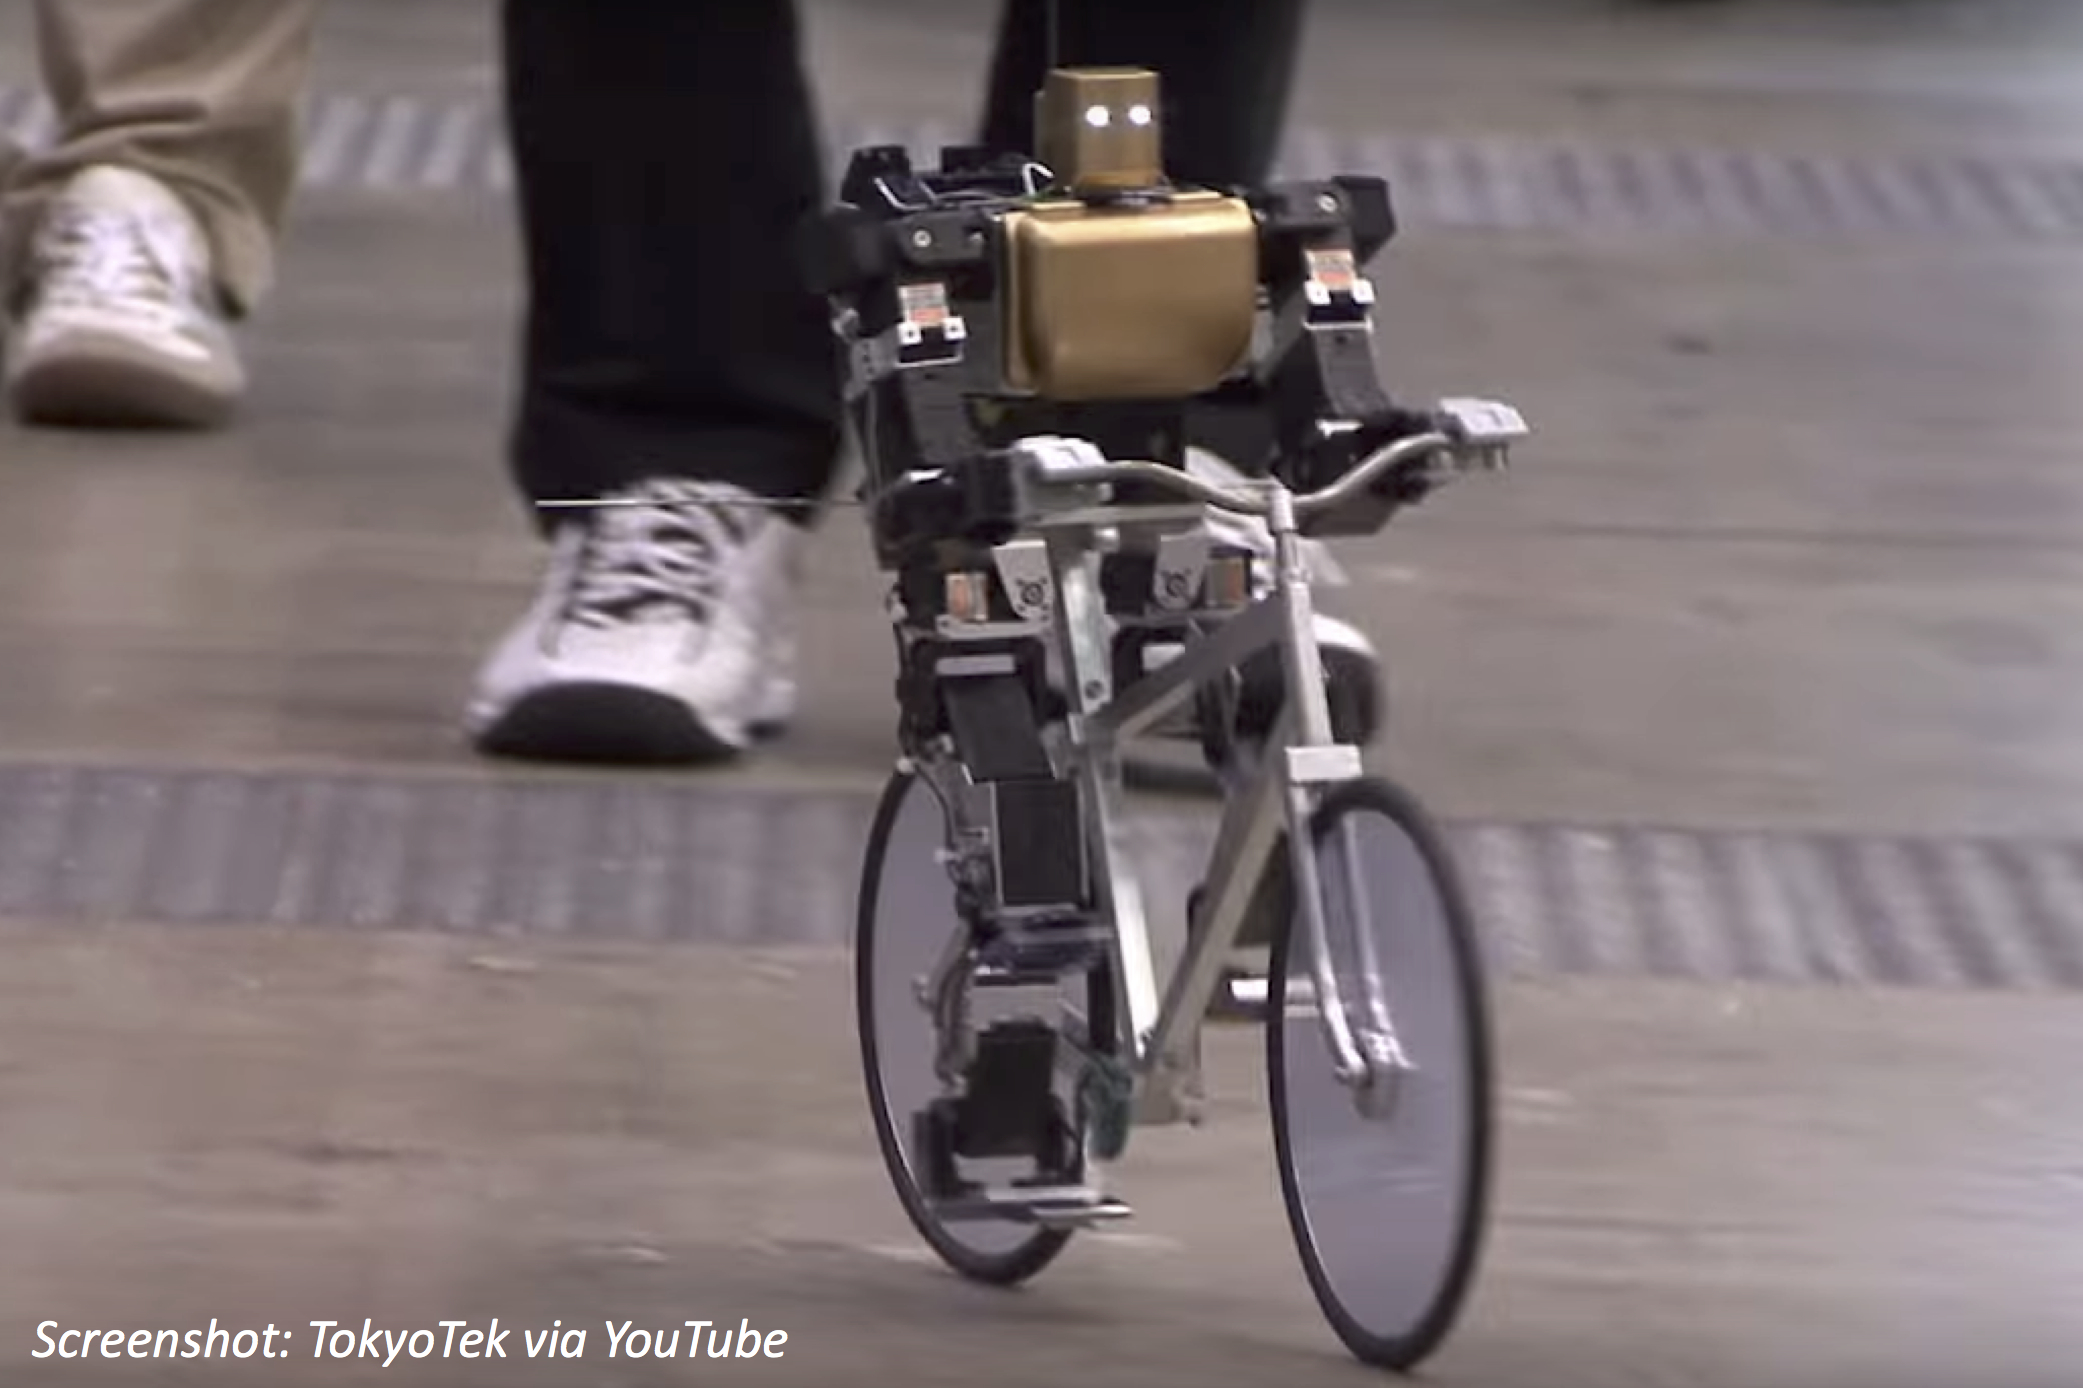 Can a Robot Ride a Bike?